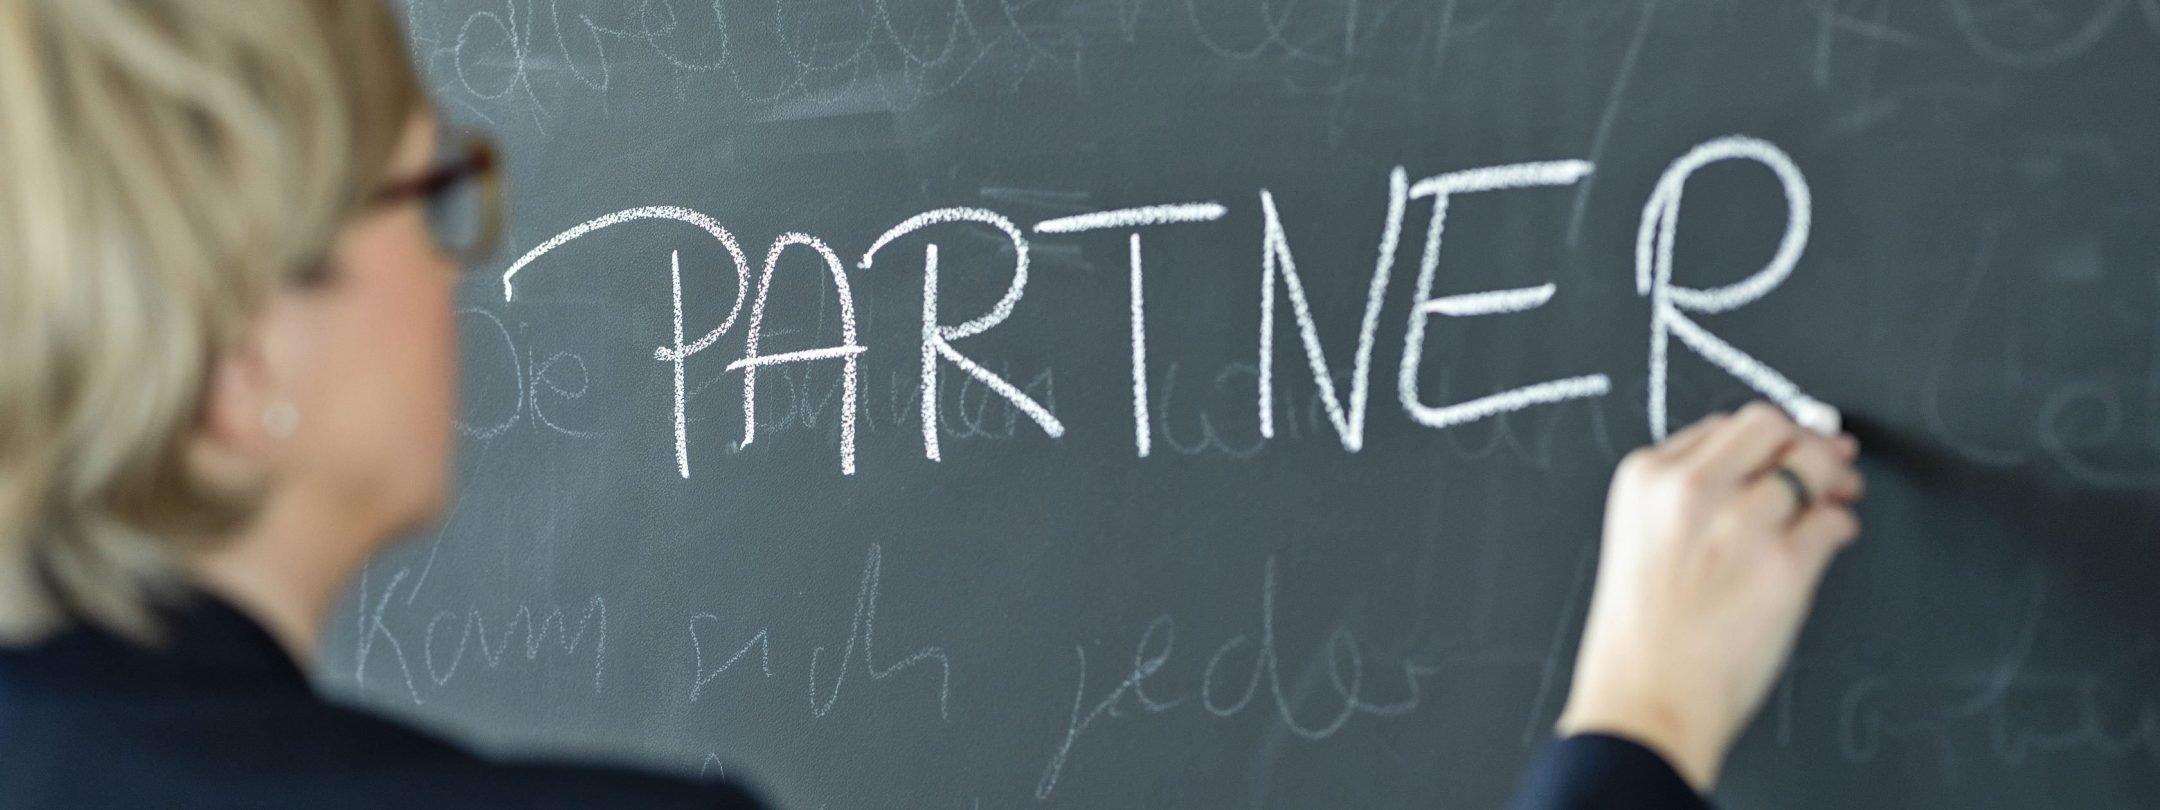 """""""Partner"""" geschrieben auf Kreidetafelwand"""